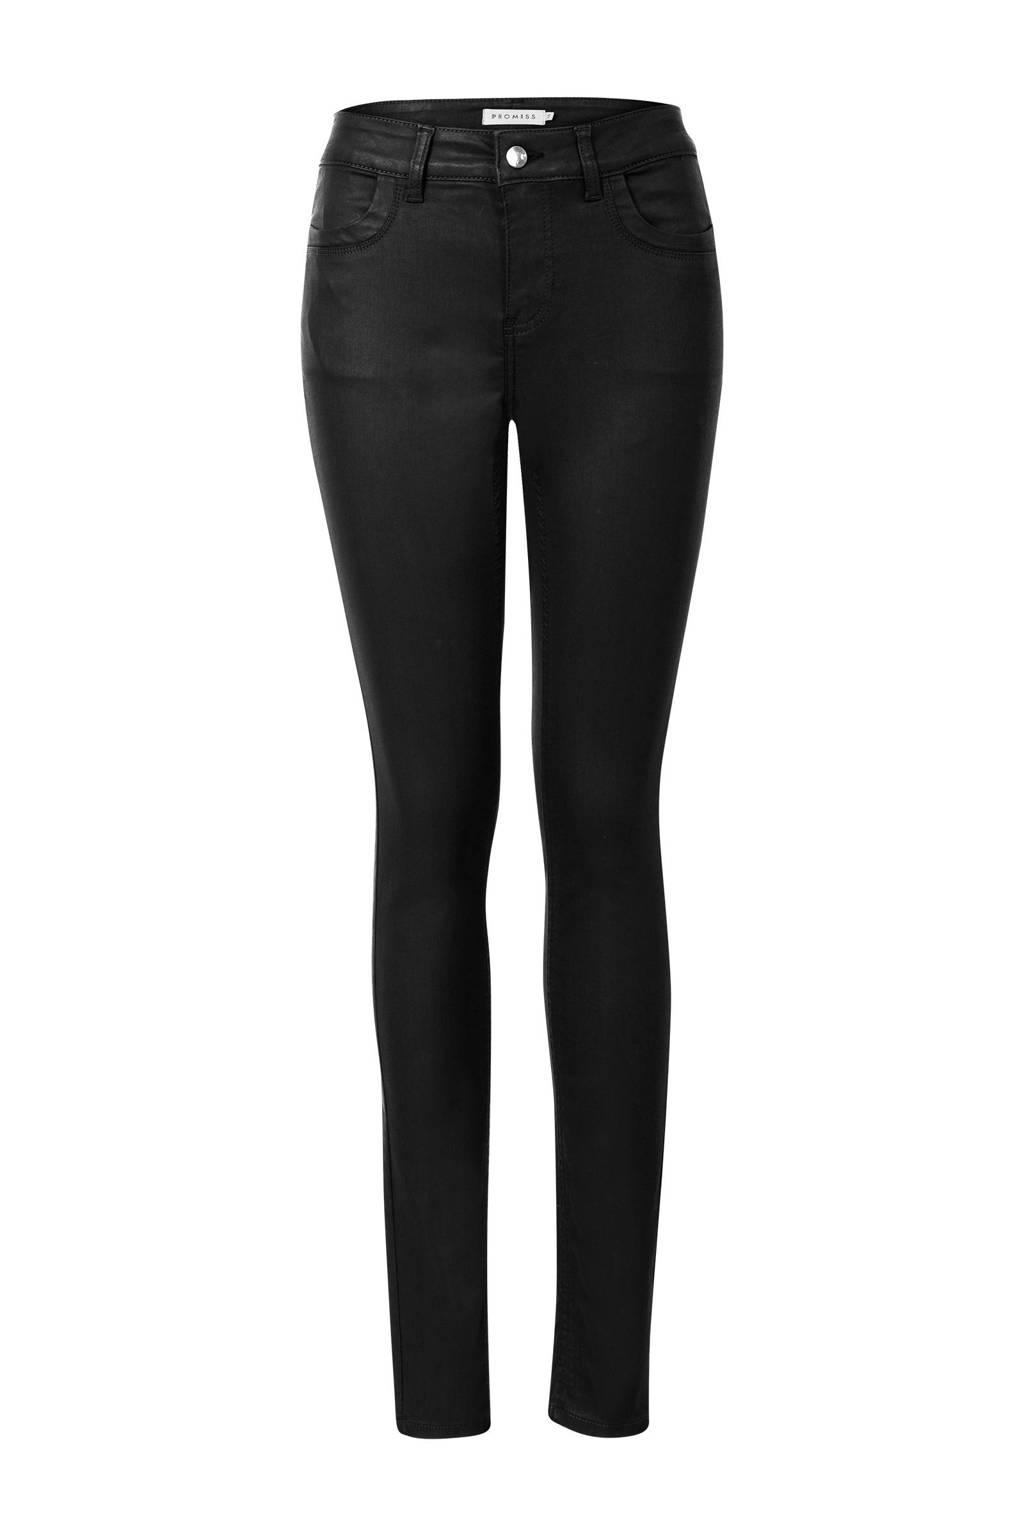 Promiss skinny broek zwart, Zwart